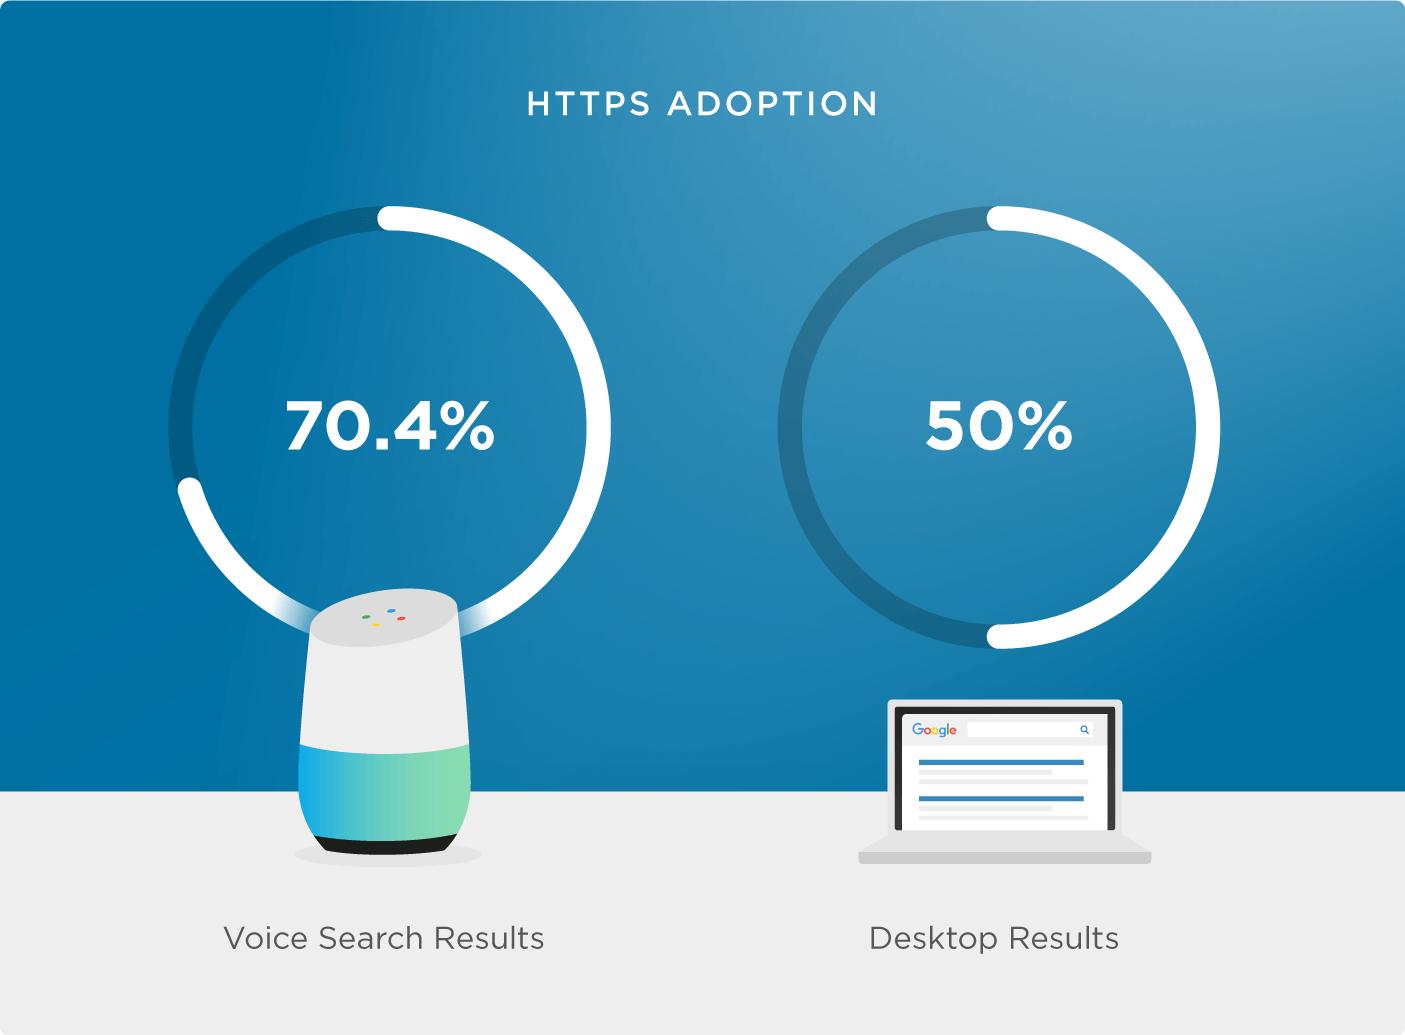 https как фактор ранжирования для Google Voice Search